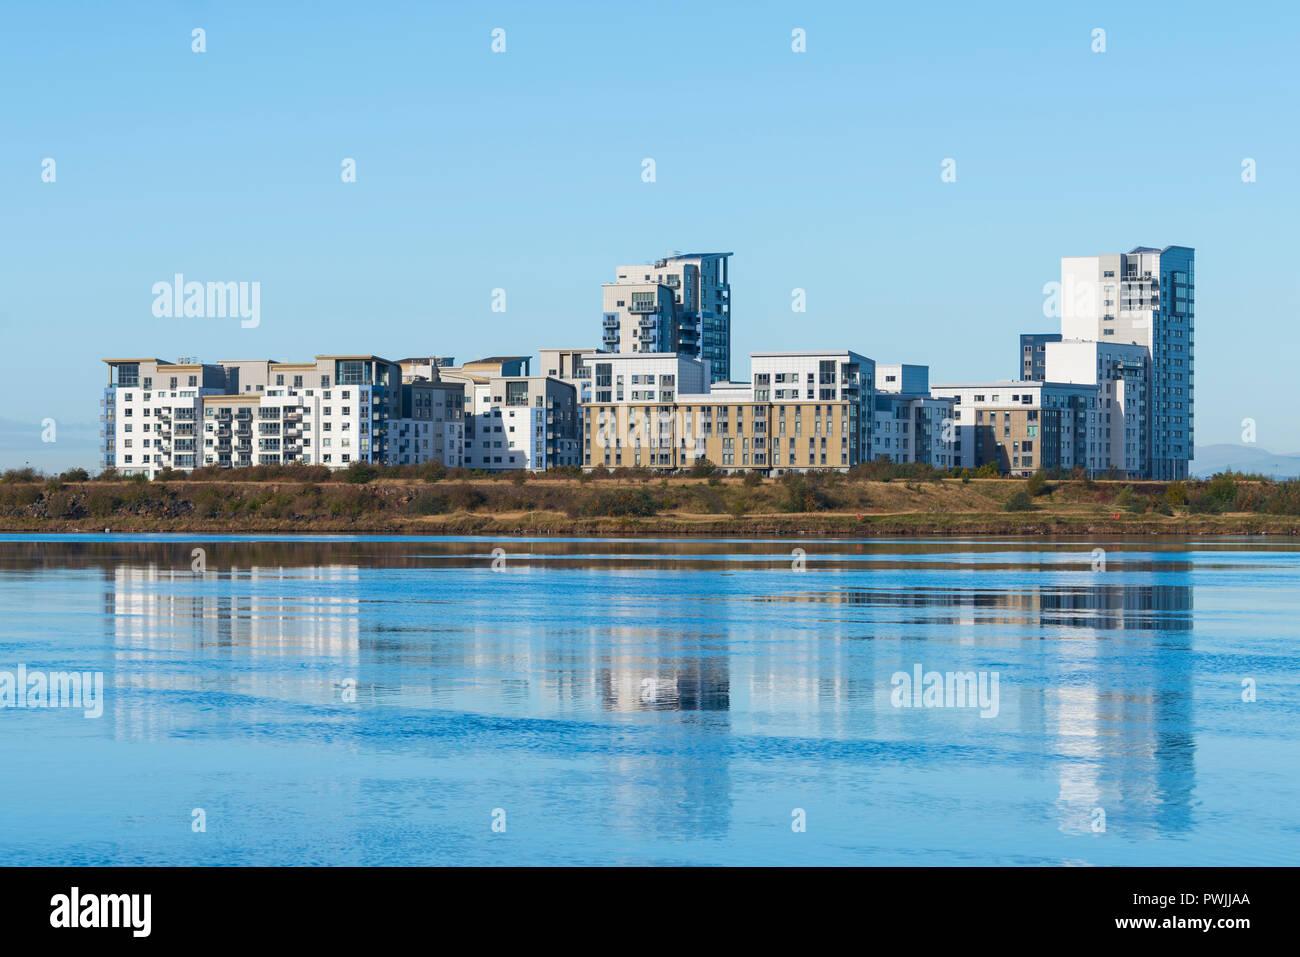 La vista de los modernos edificios de apartamentos en Western Harbour el desarrollo de viviendas en Leith, Escocia, Reino Unido Imagen De Stock